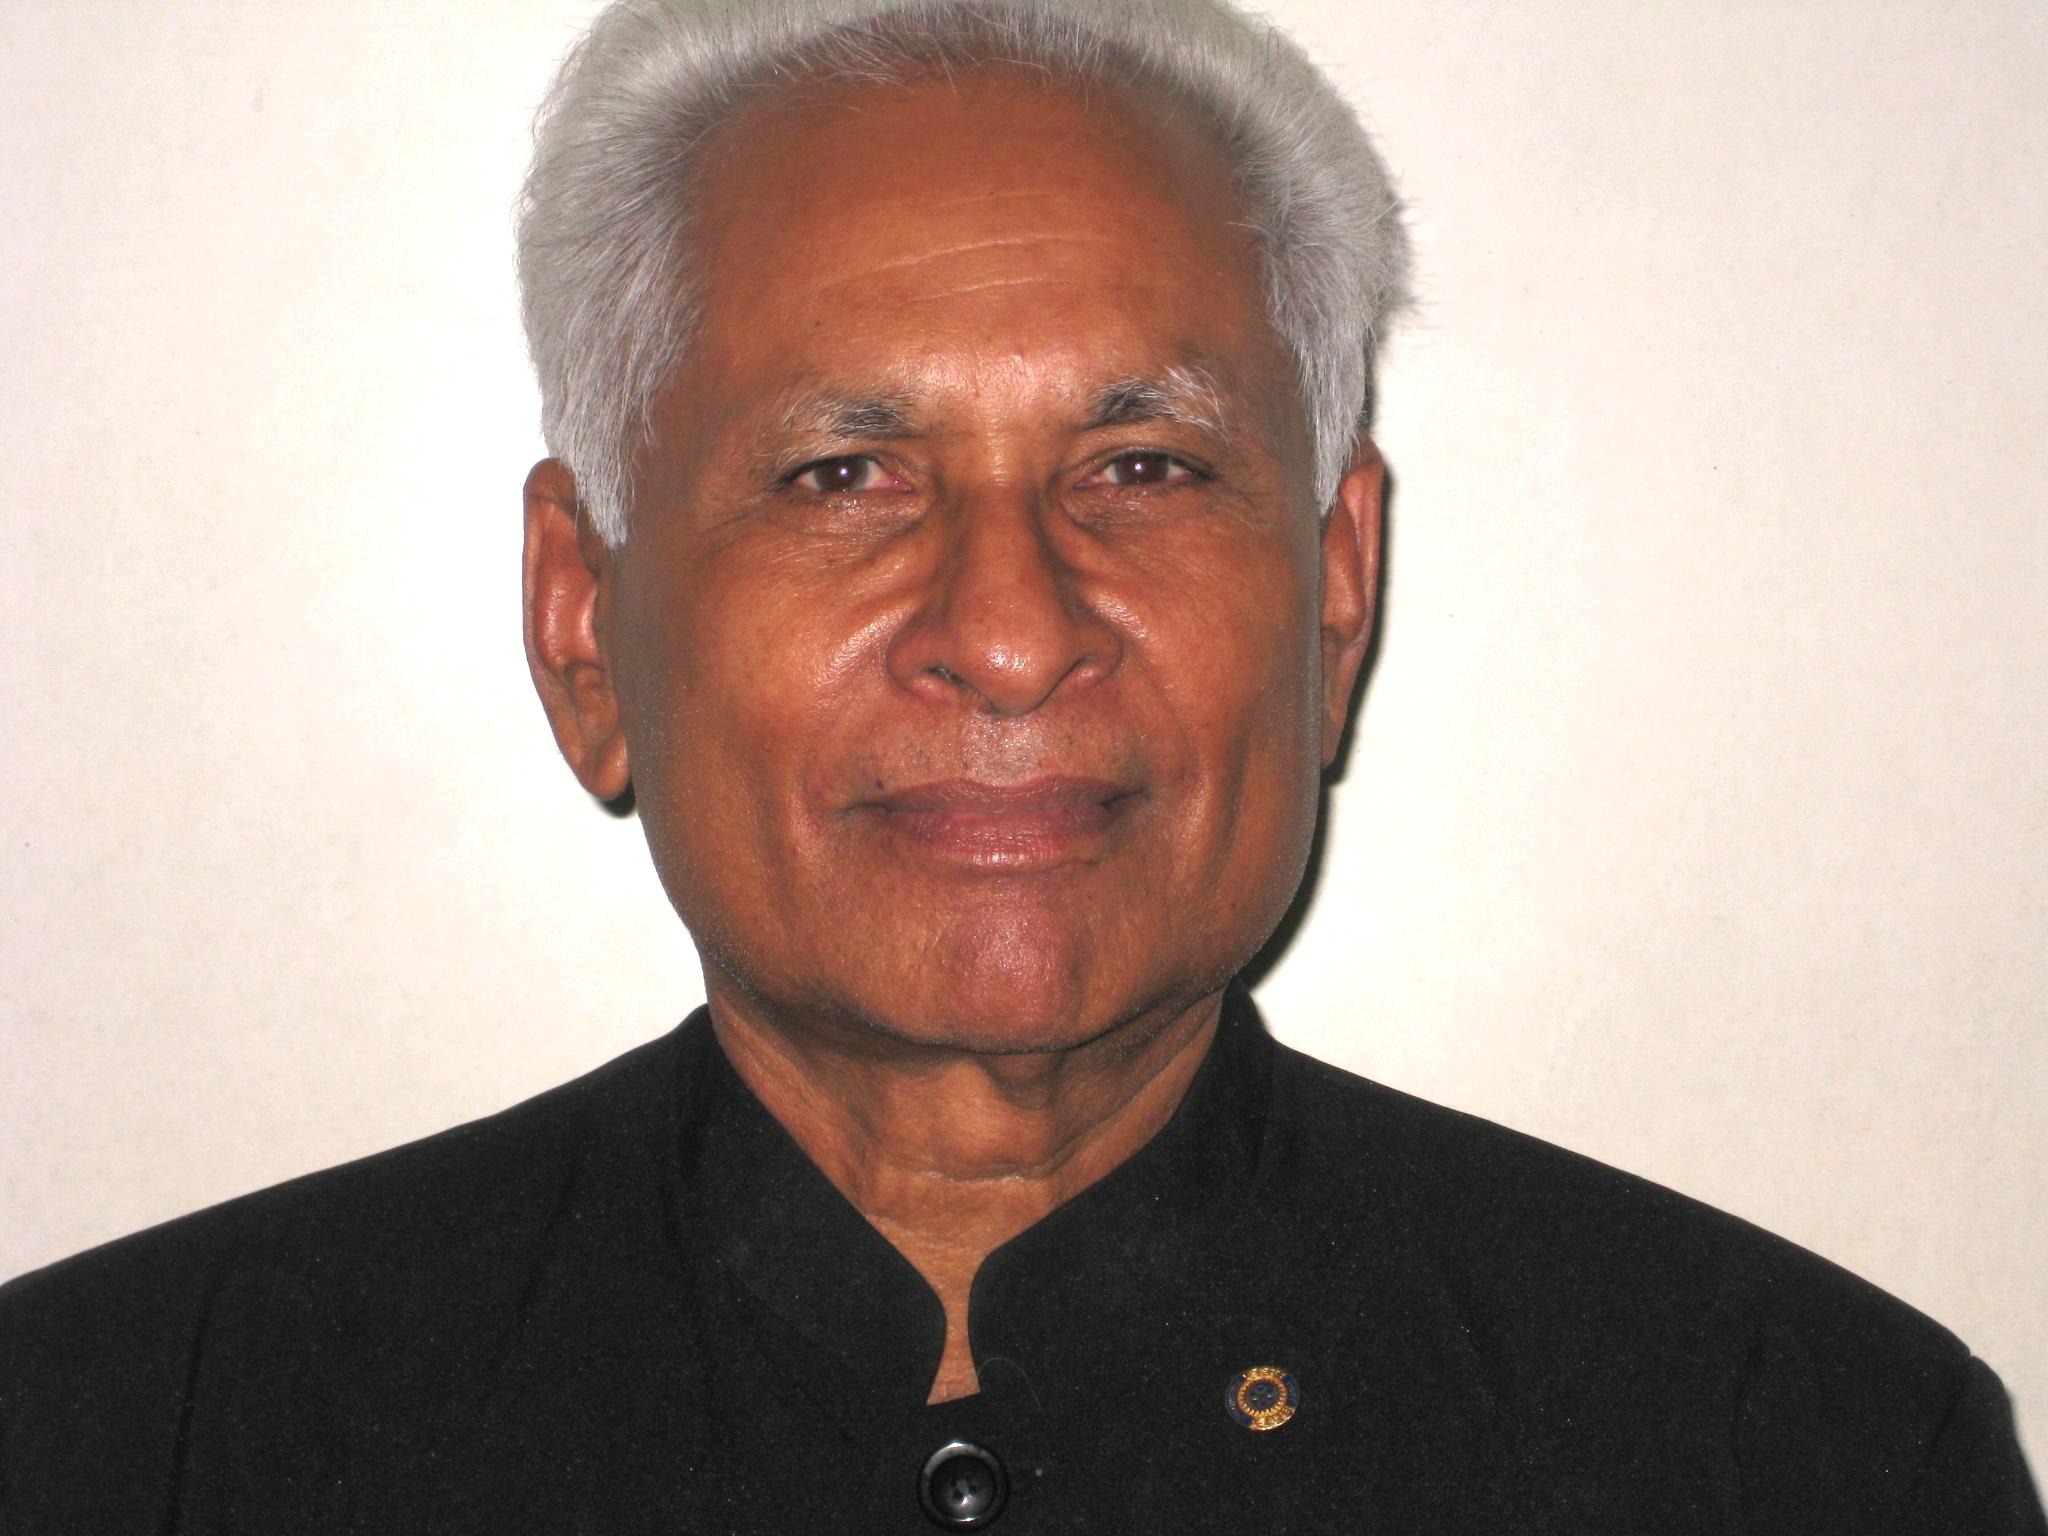 Basha G. Mohammed